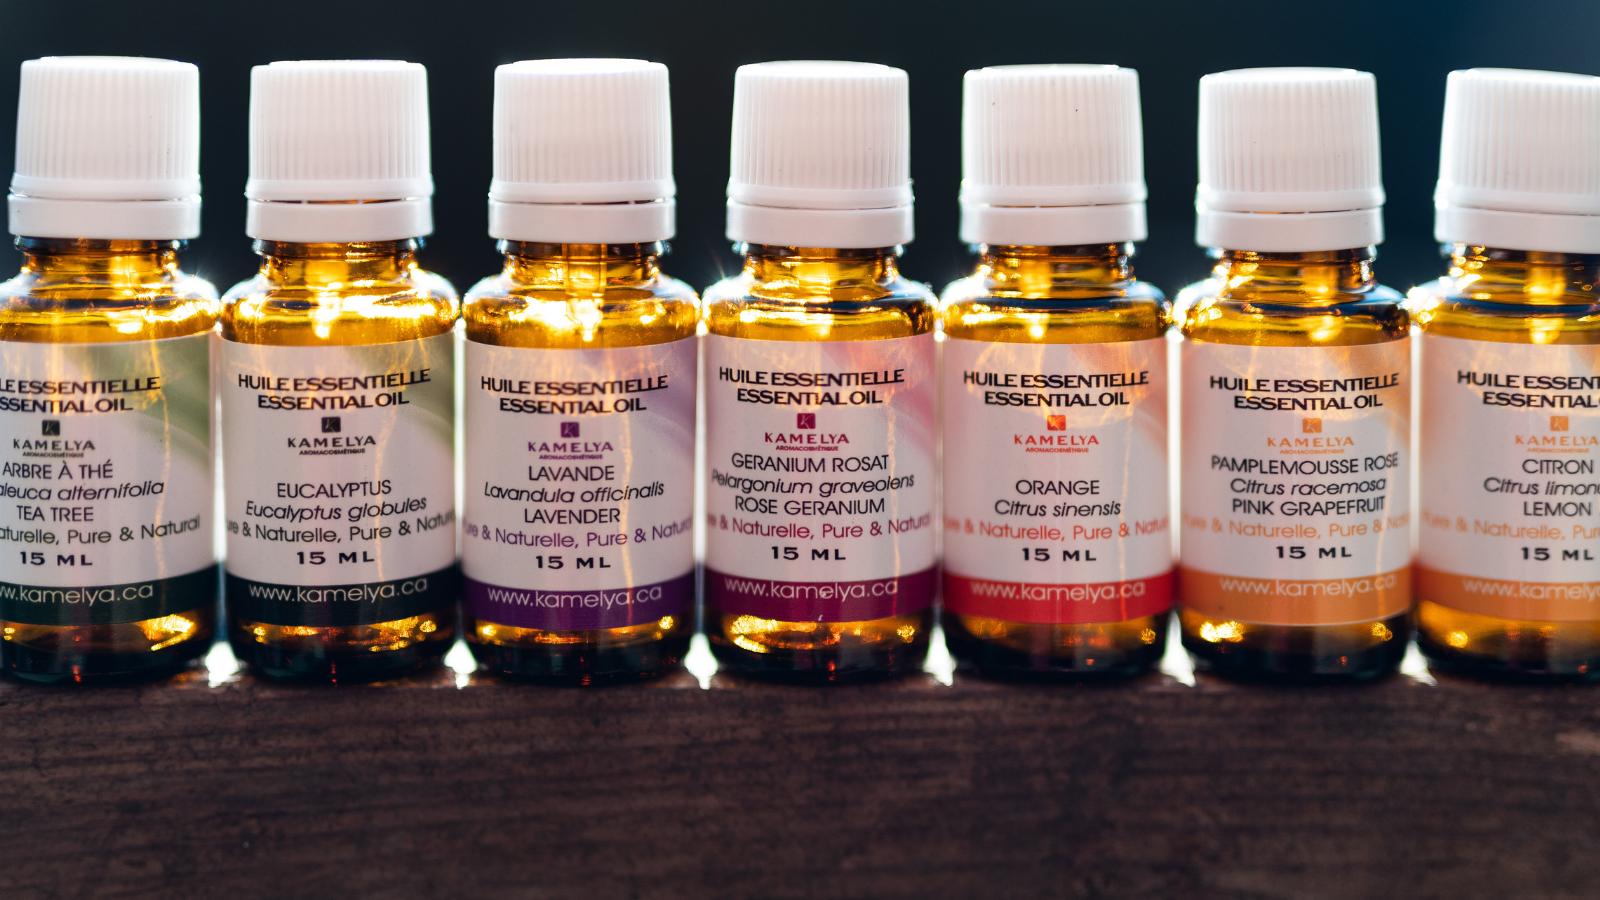 Quelles huiles essentielles utilisons-nous pour sublimer votre peau ?